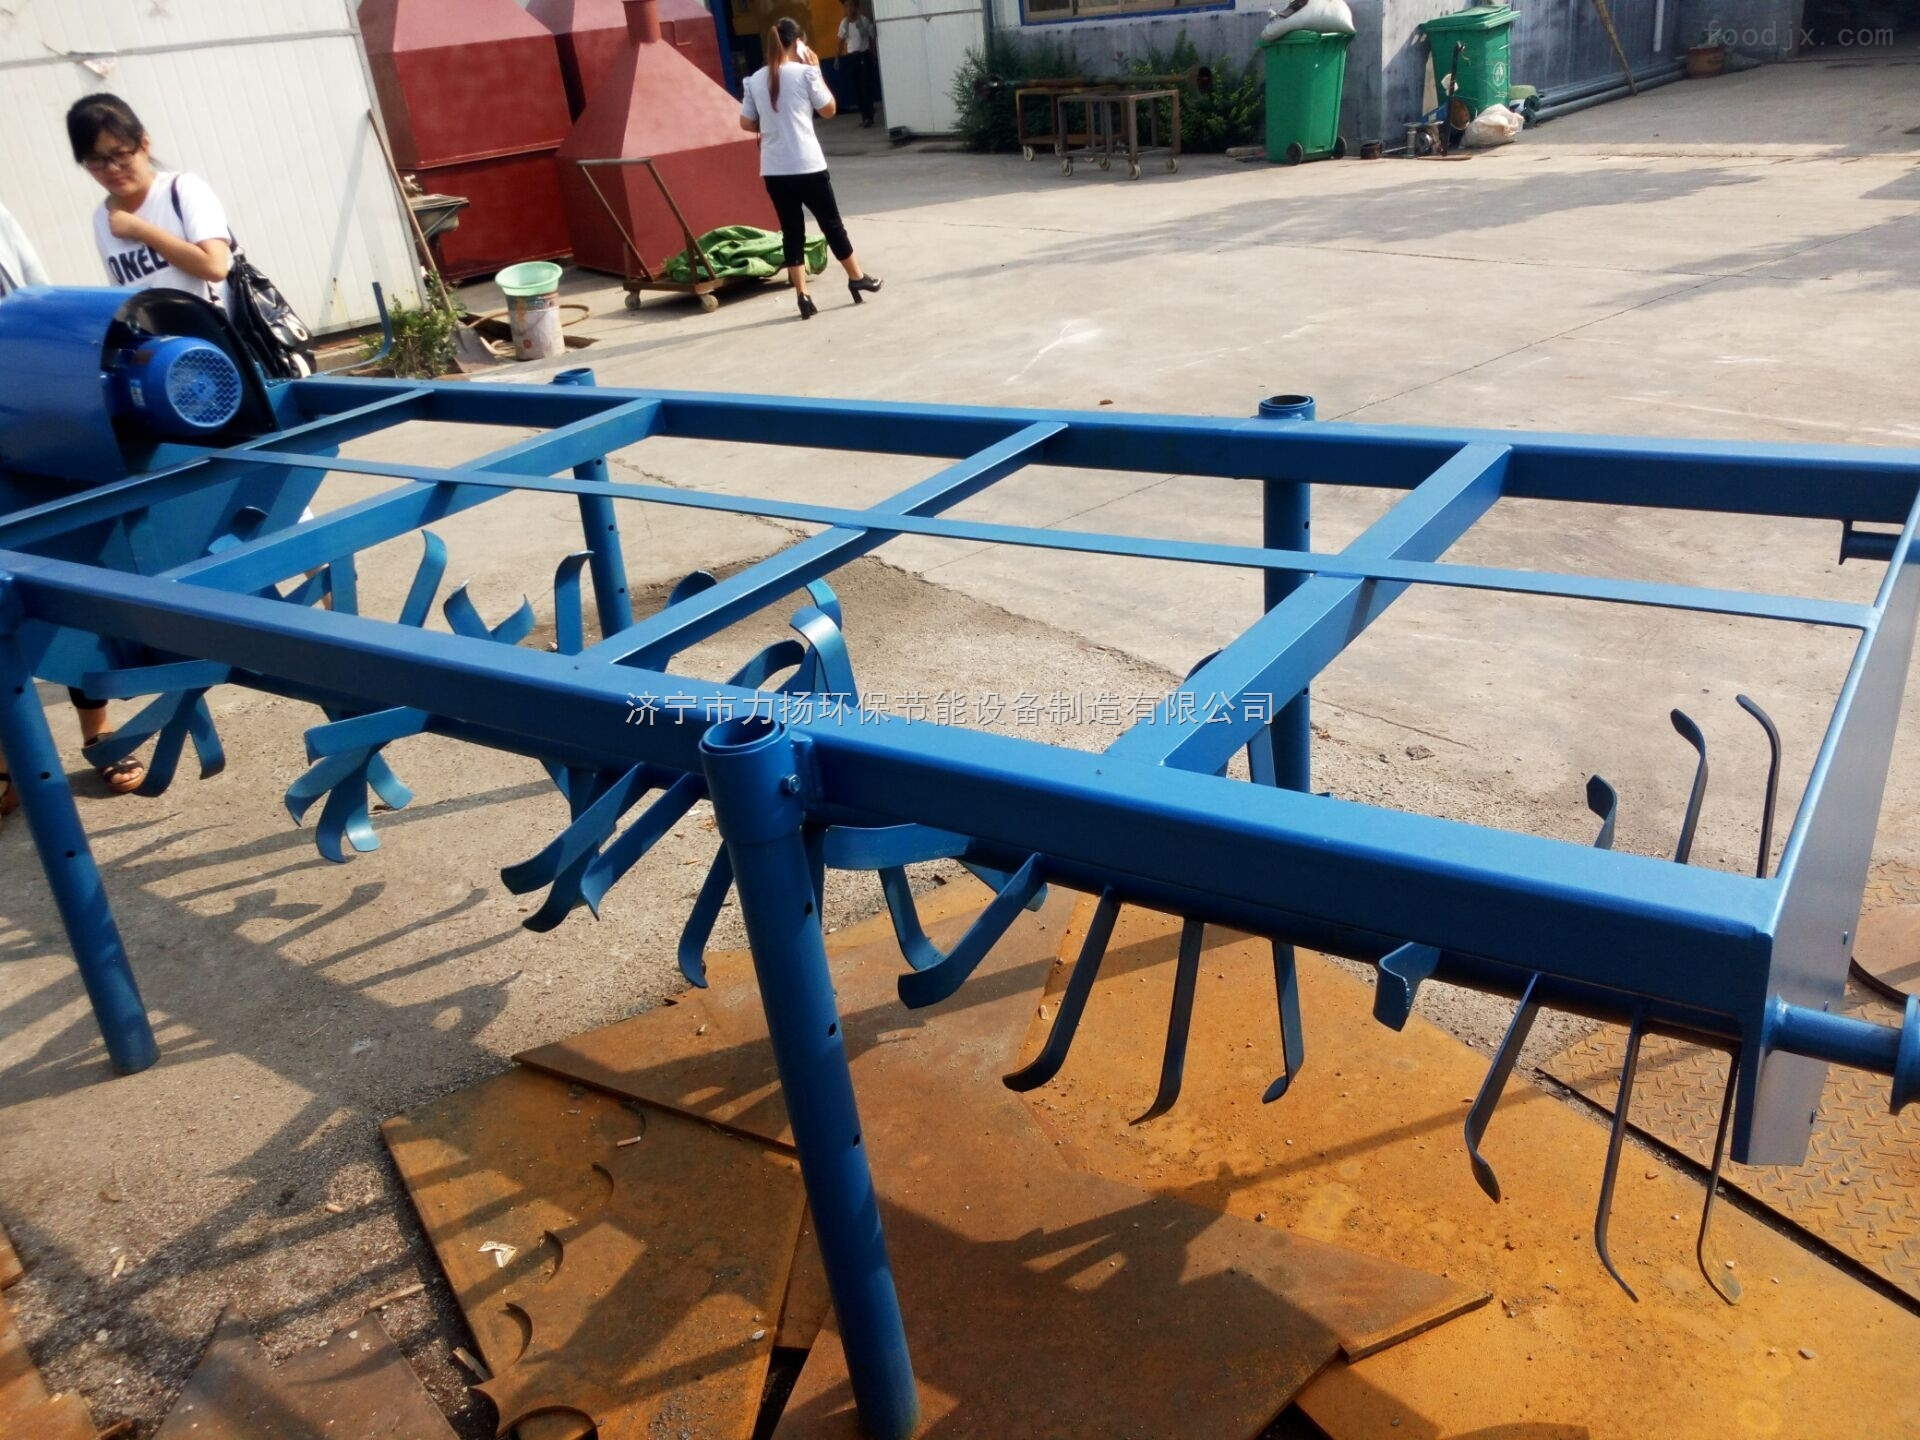 发酵床翻抛机懒汉养猪法 发酵床翻抛机简介: 该设备主要用于养猪场的